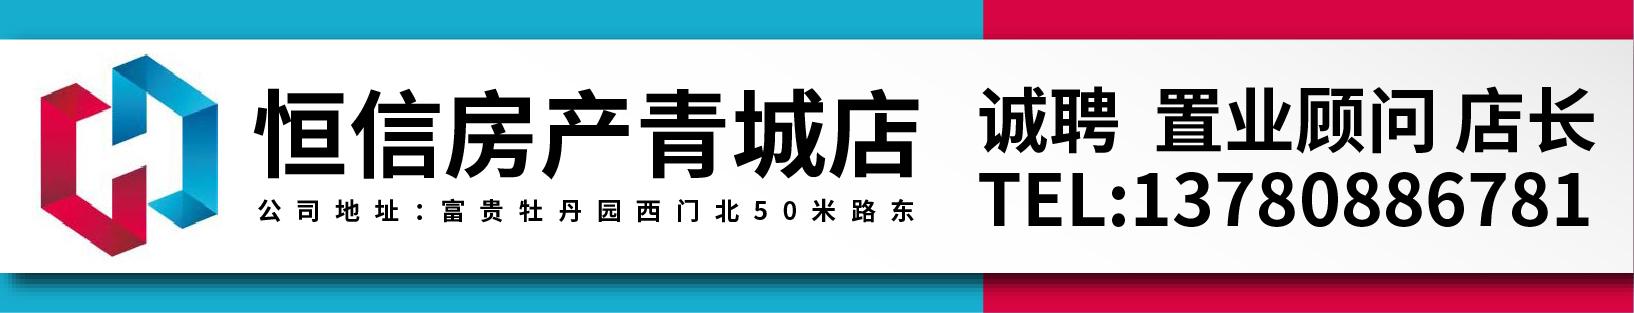 恒信集團青州富貴牡丹園店